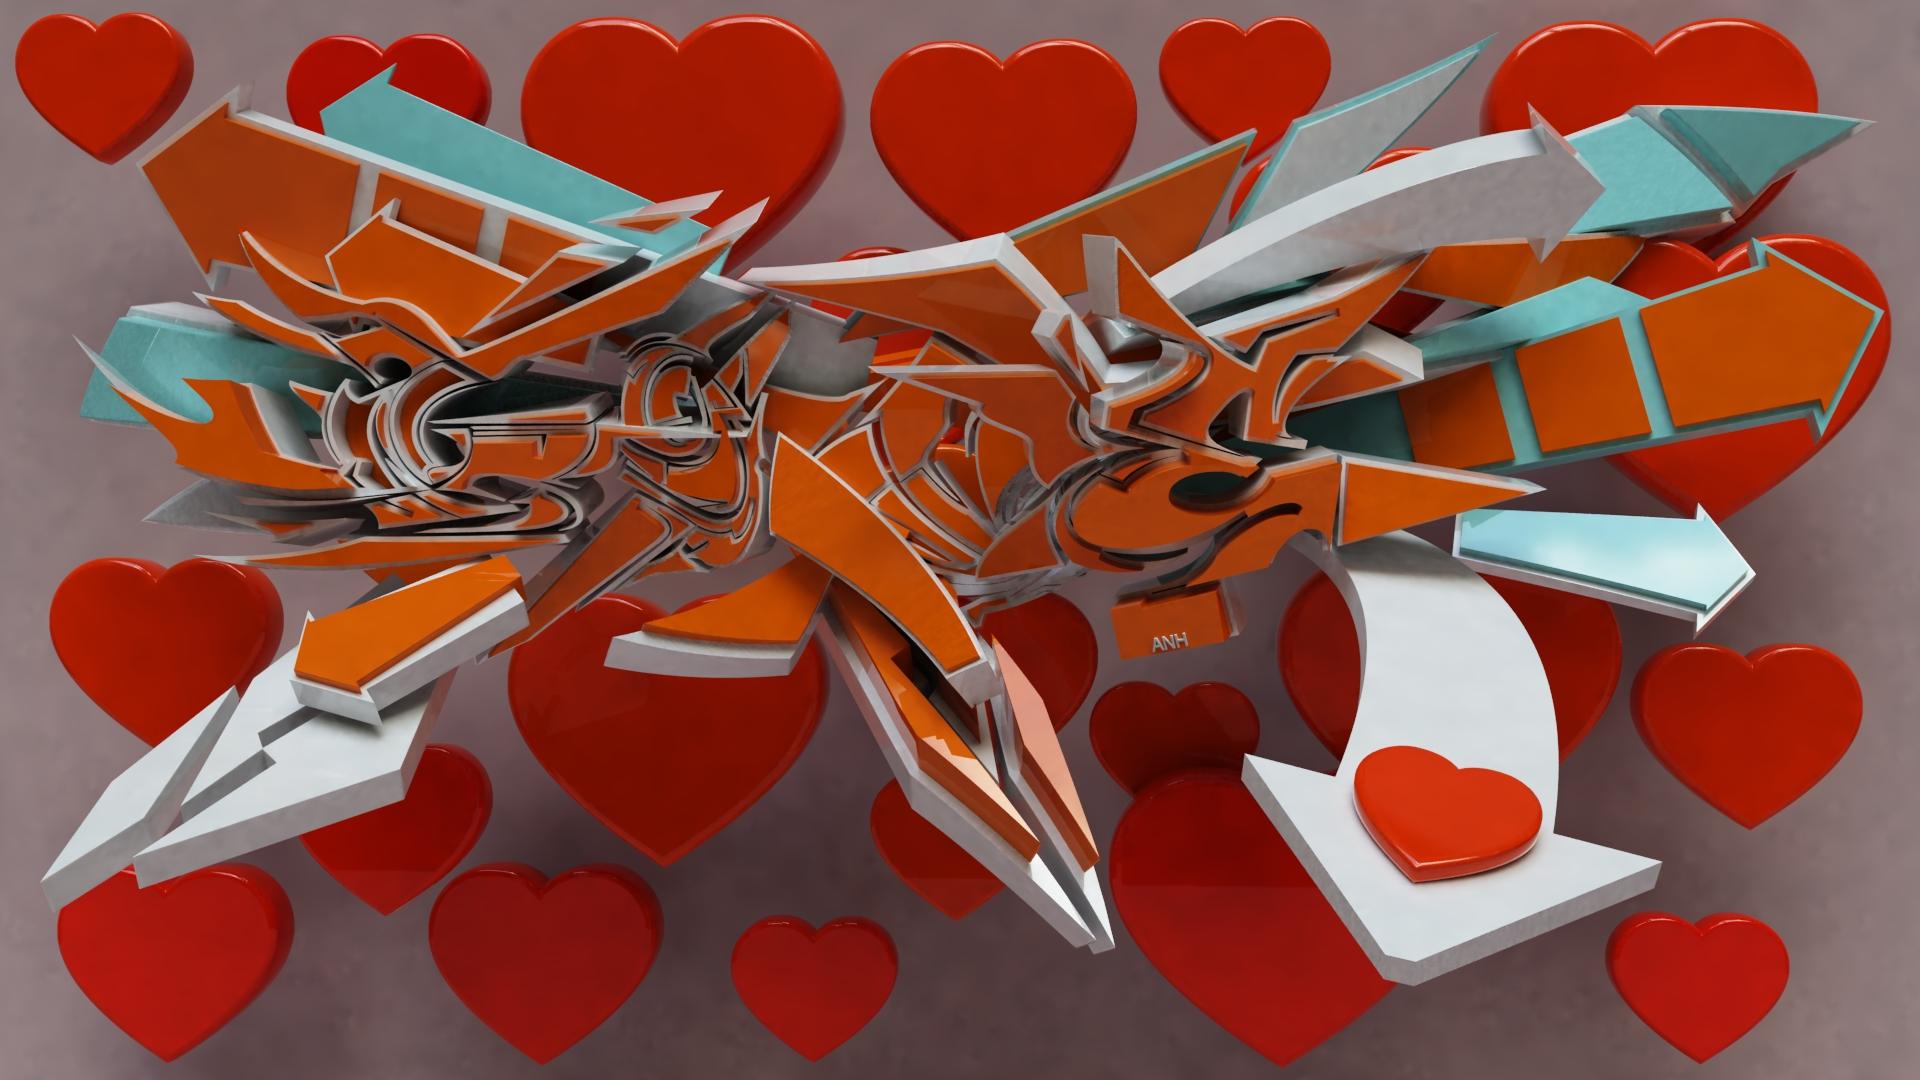 3d Love Art 9 Desktop Background Hdlovewall Com